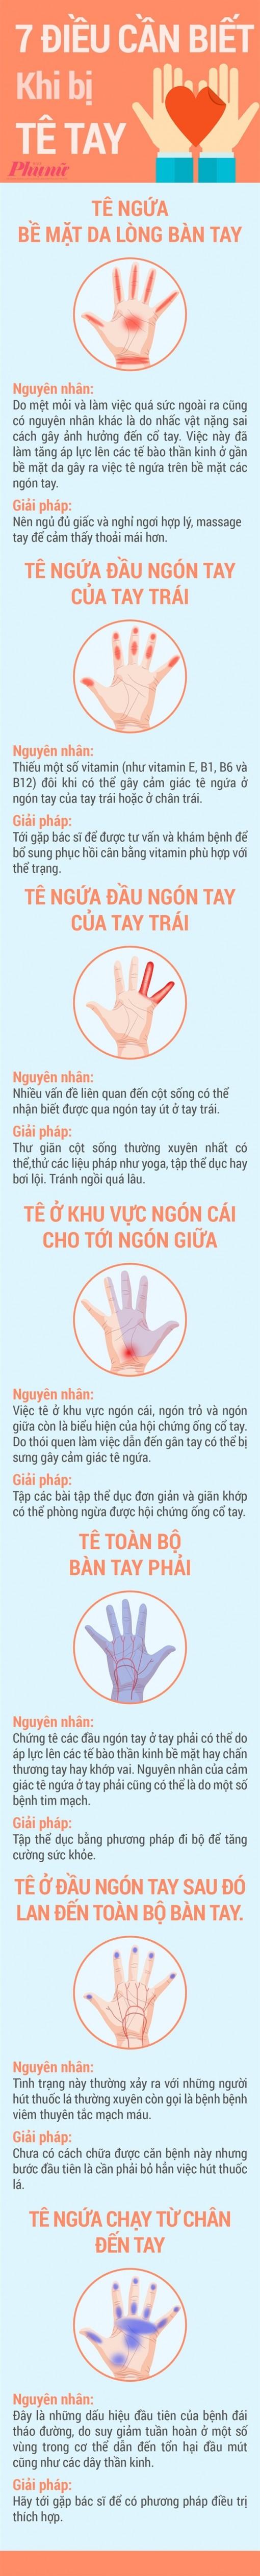 7 dấu hiệu cảnh báo khi bị tê tay